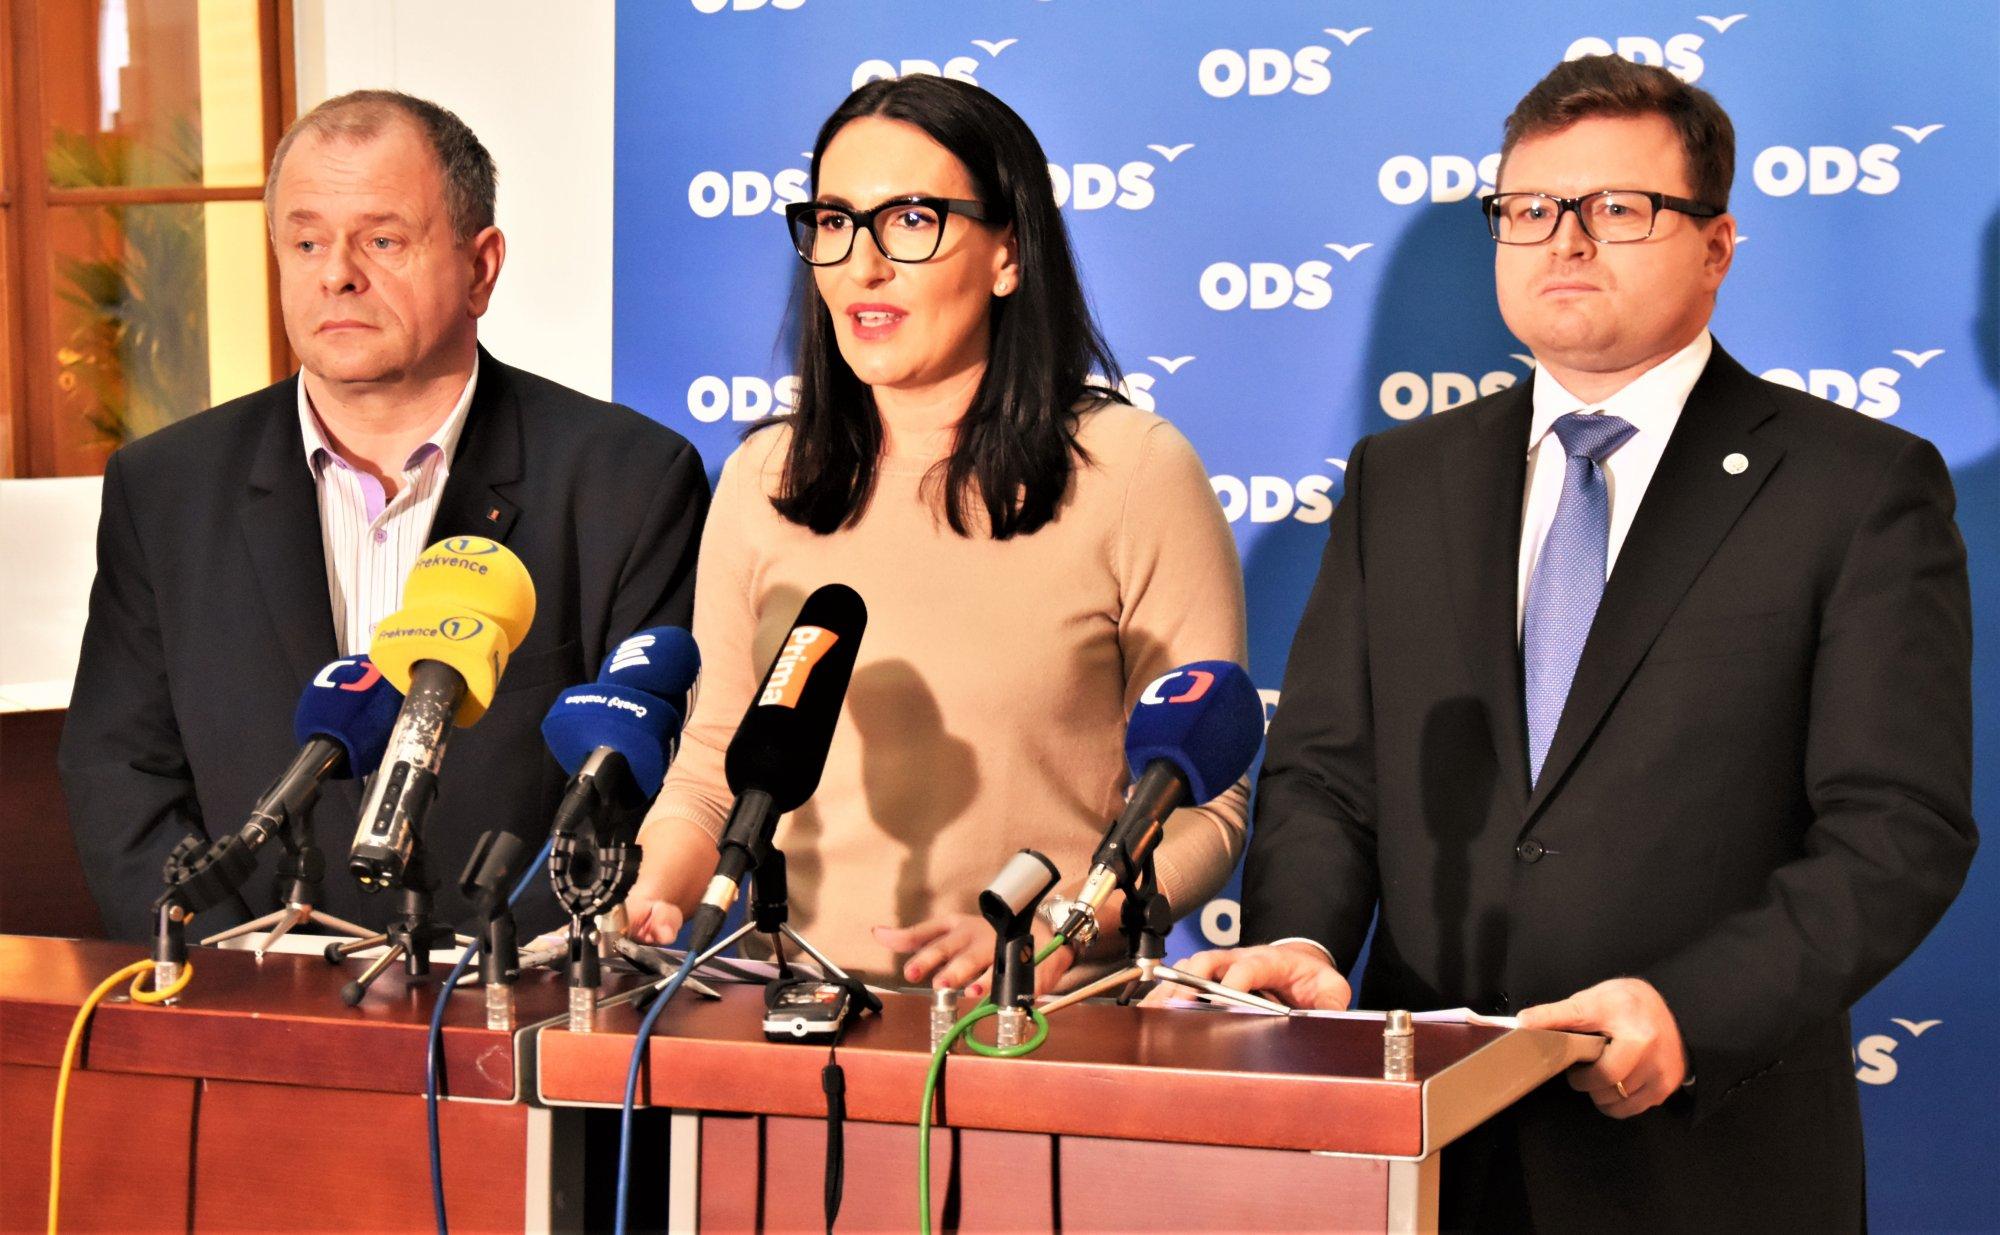 ODS: Zvýšíme limit pro využití výdajových paušálů pro podnikatele